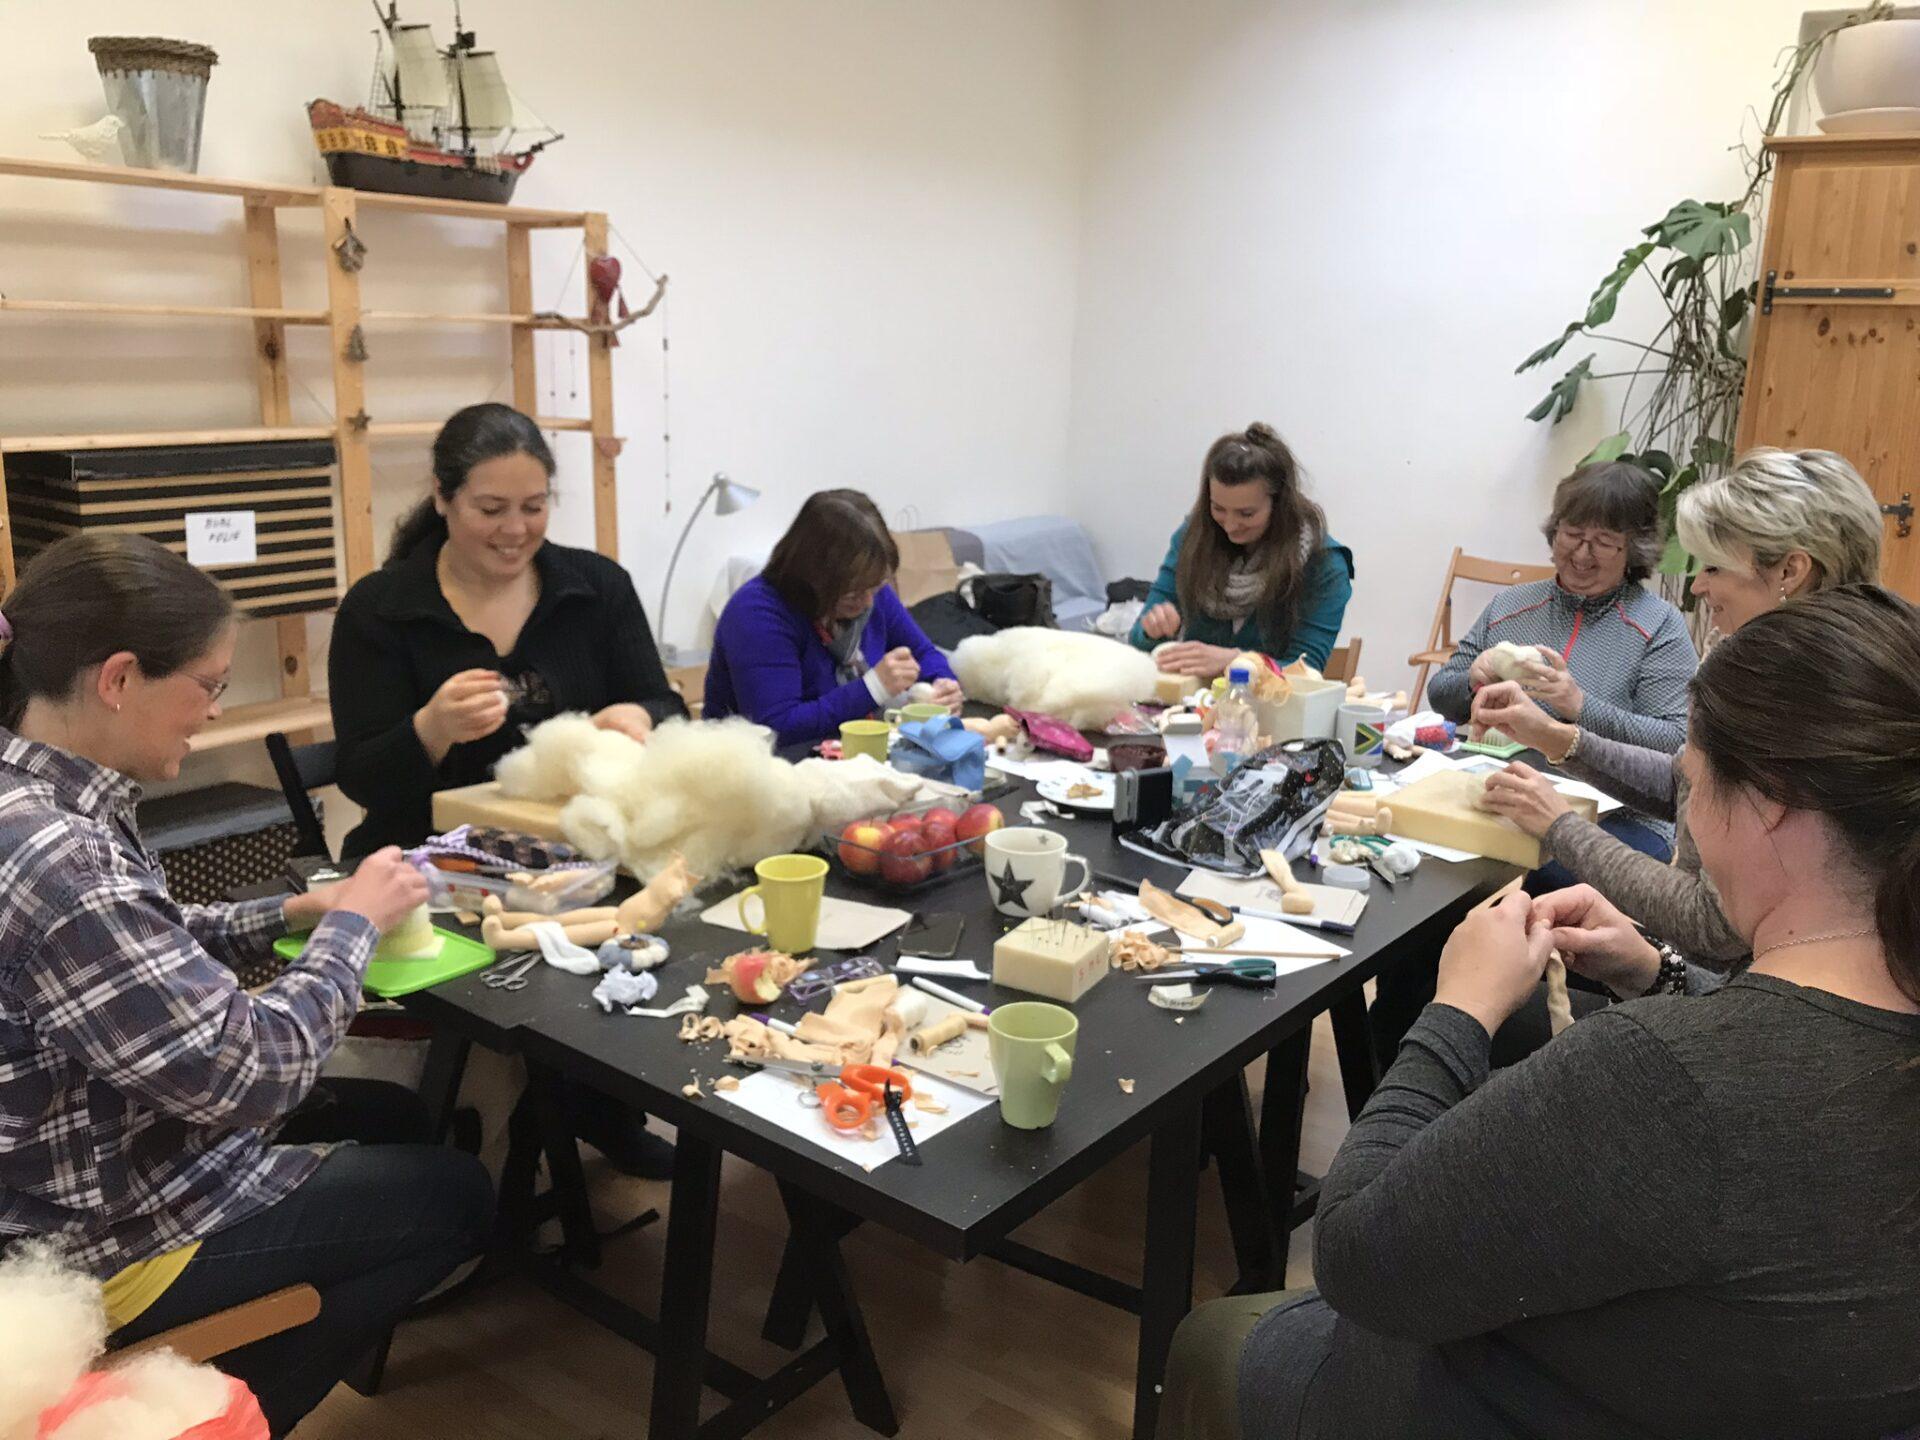 Ohlédnutí za pohodovým kurzem šití panenek v Dobroději 24. 11. 2019